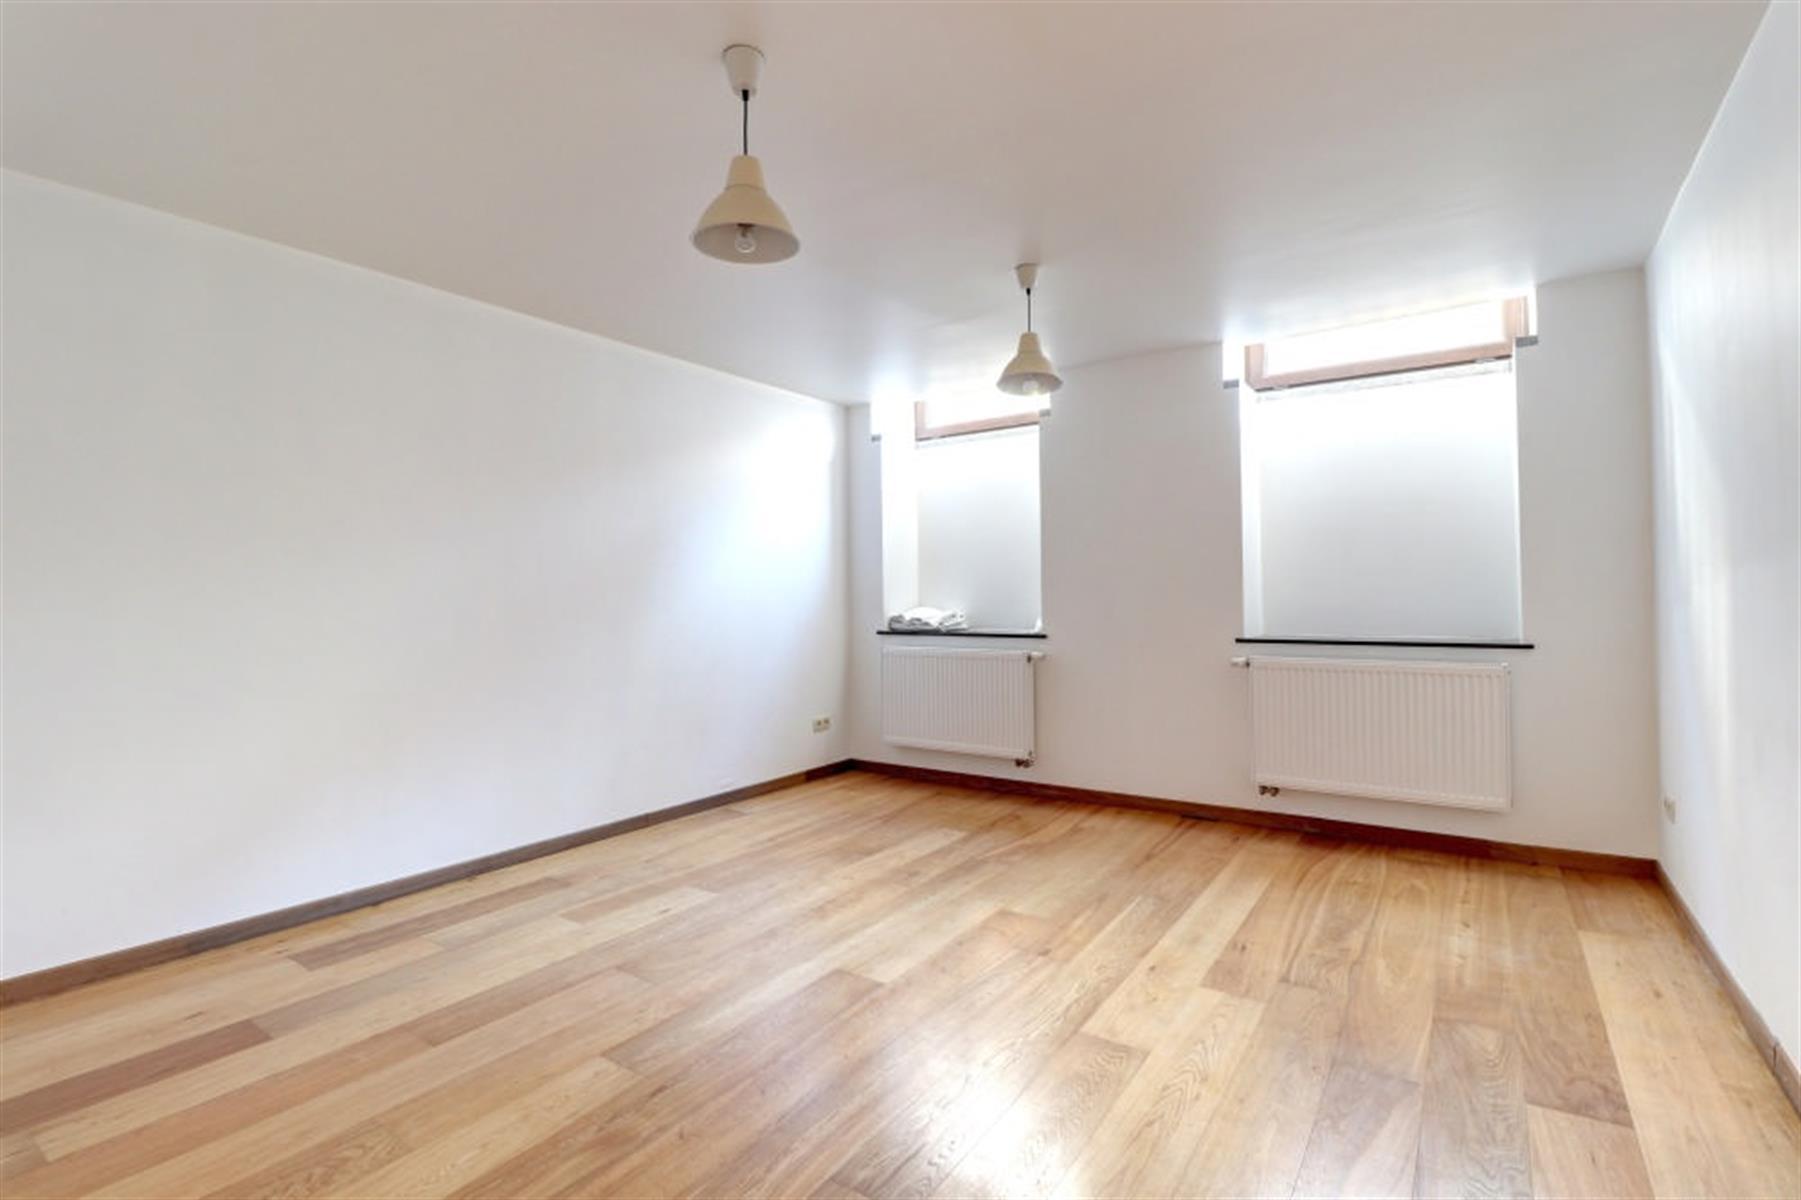 Duplex - Ixelles - #4402680-6